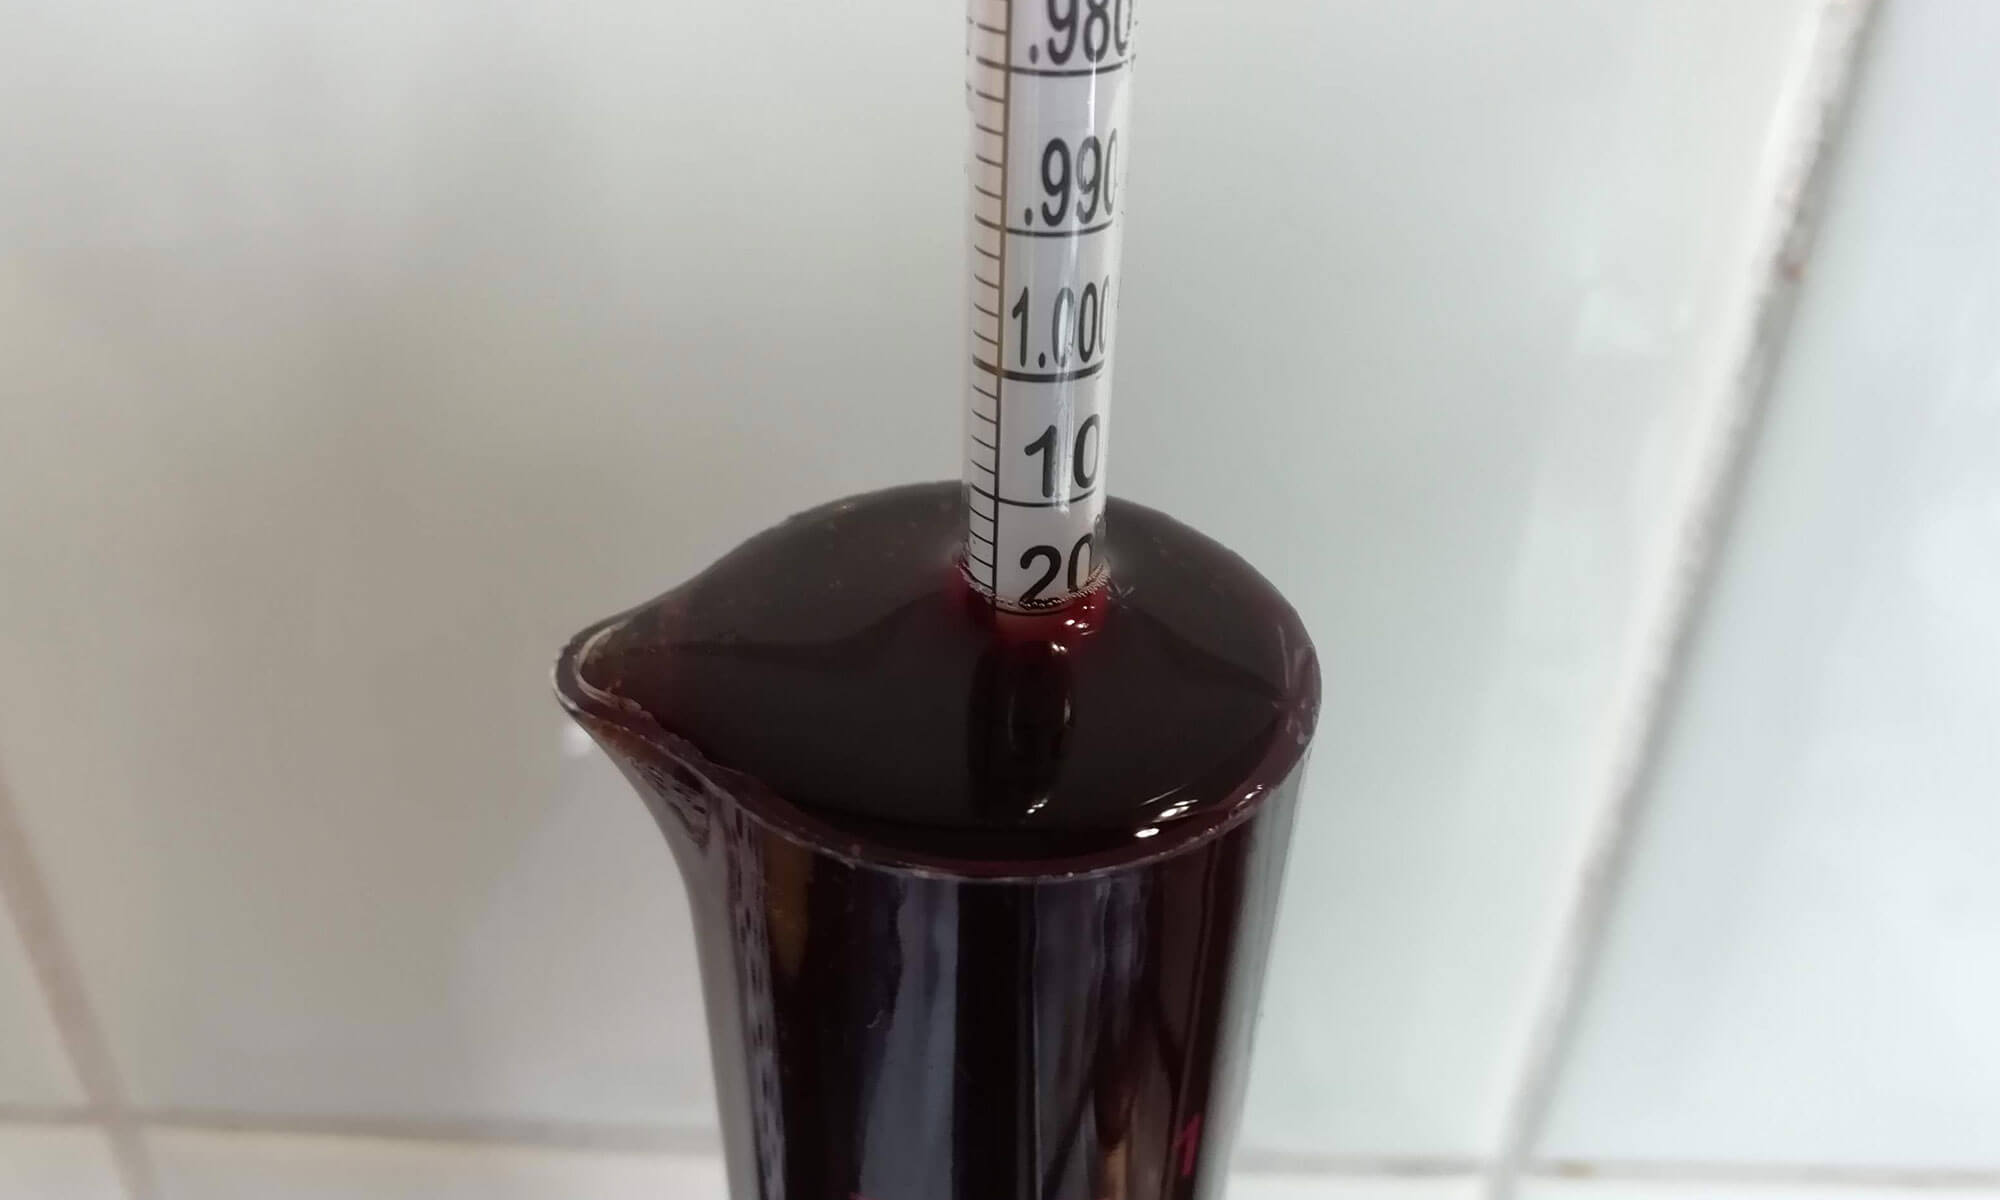 Met een hydrometer kunnen we het soortelijke gewicht bepalen